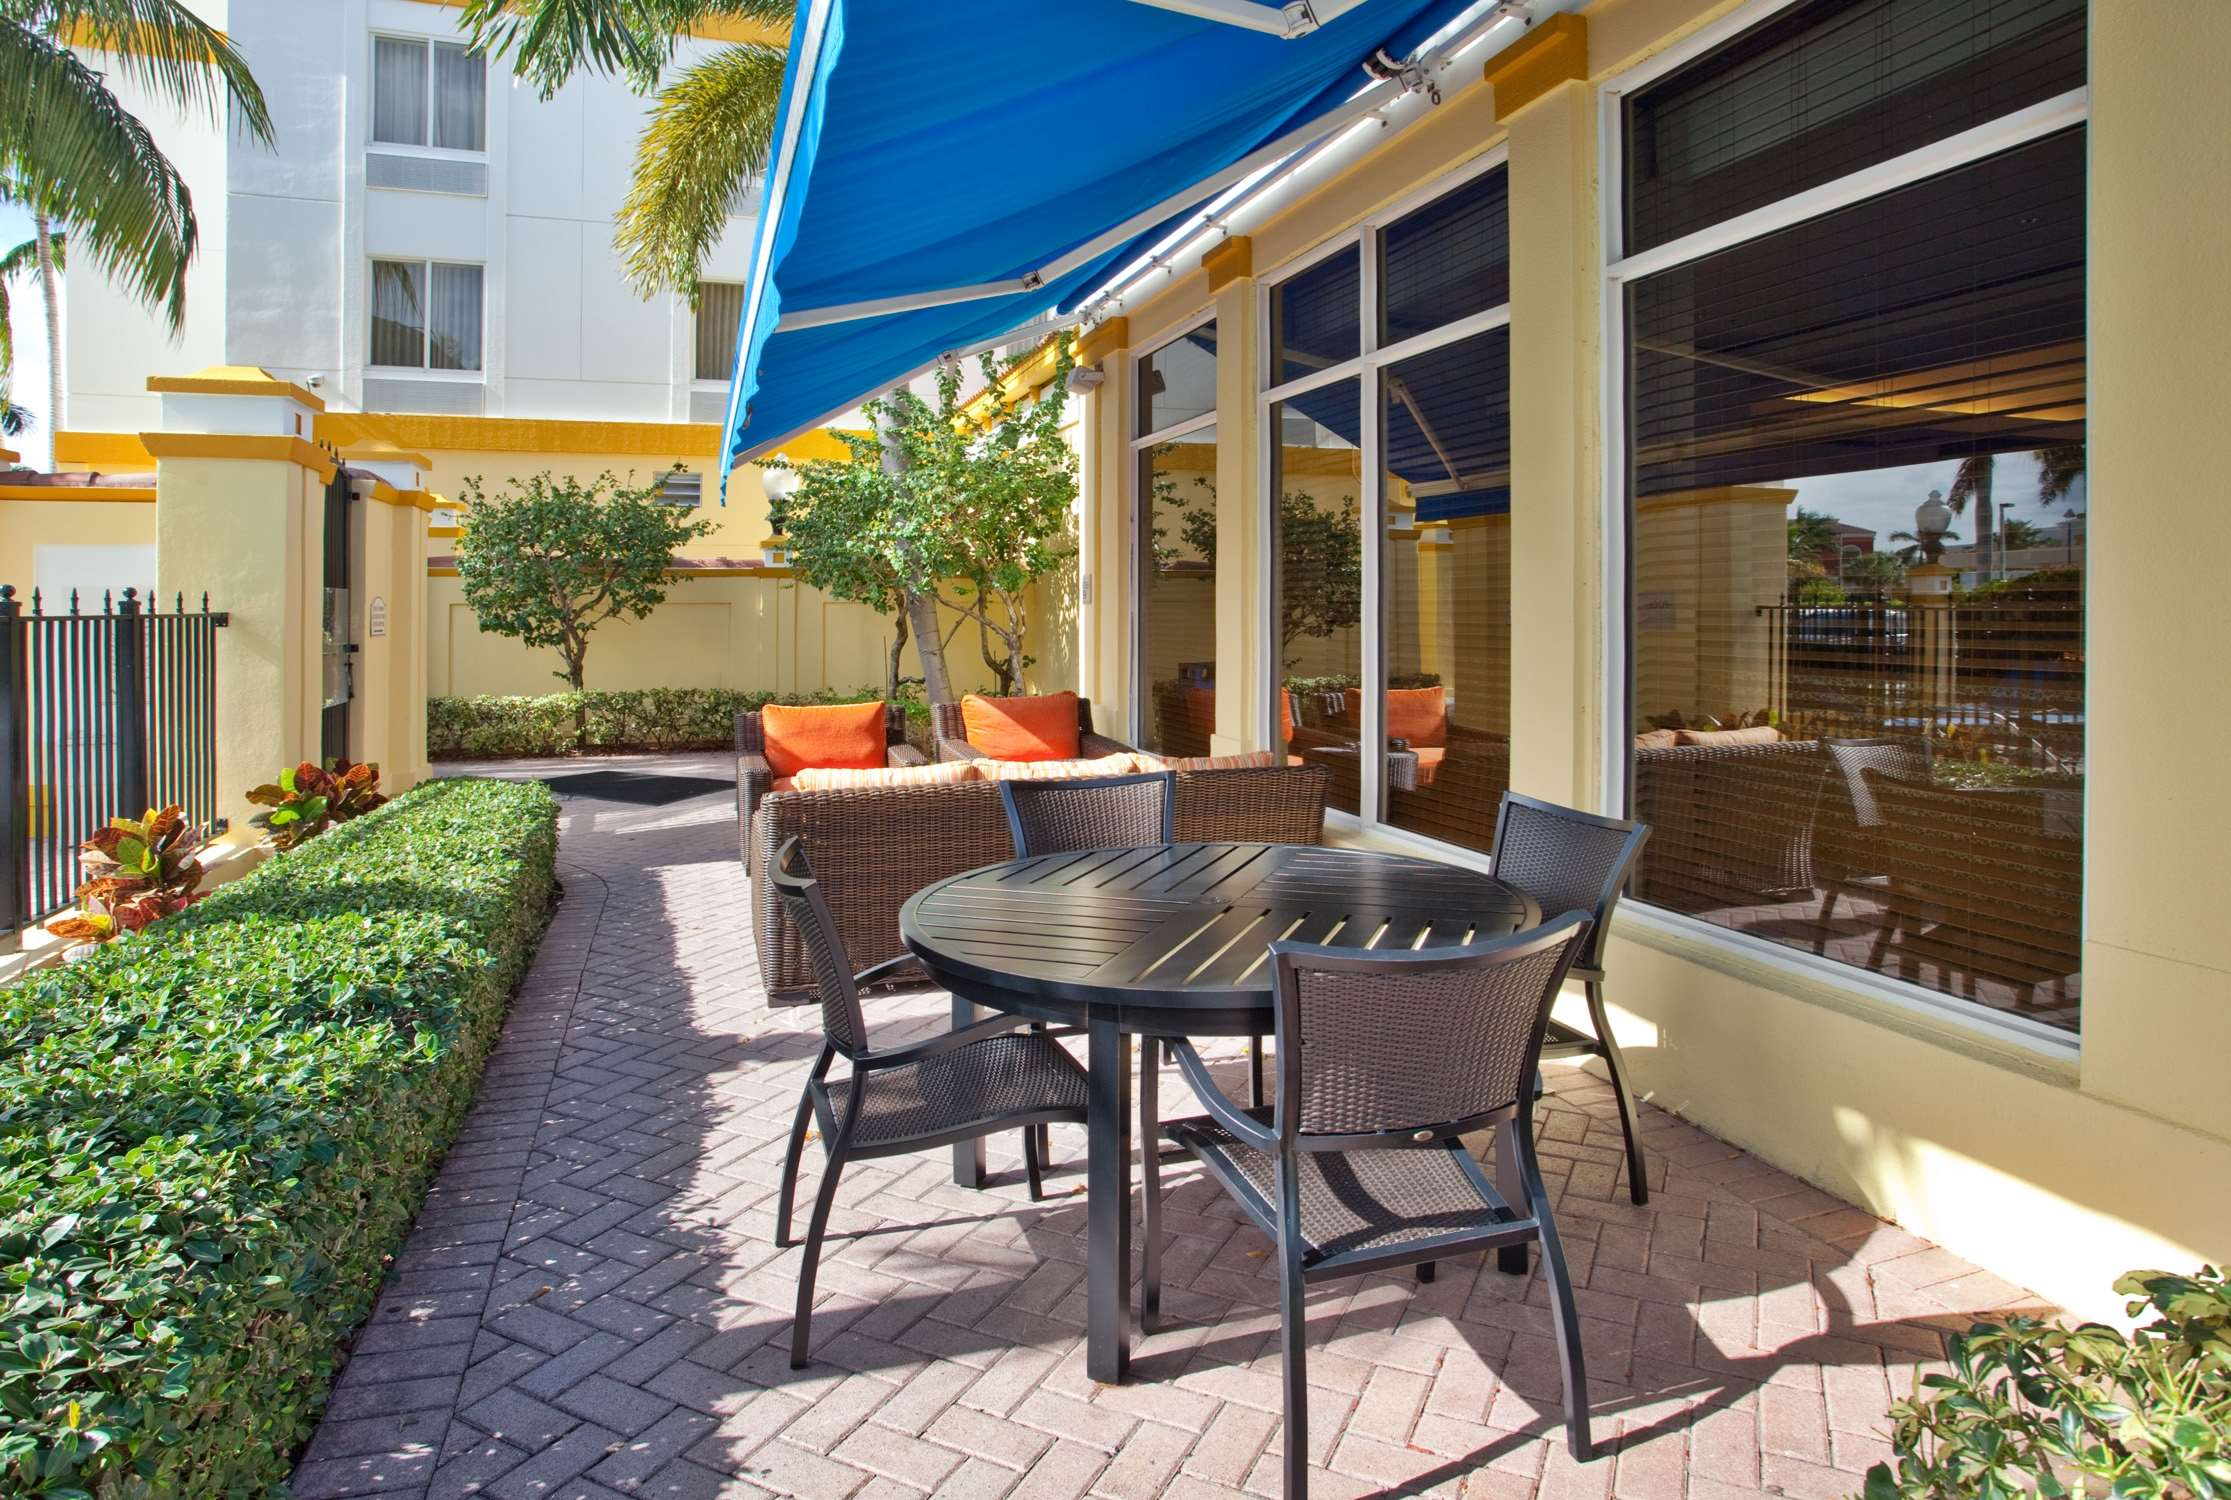 Hilton Garden Inn Boca Raton image 11